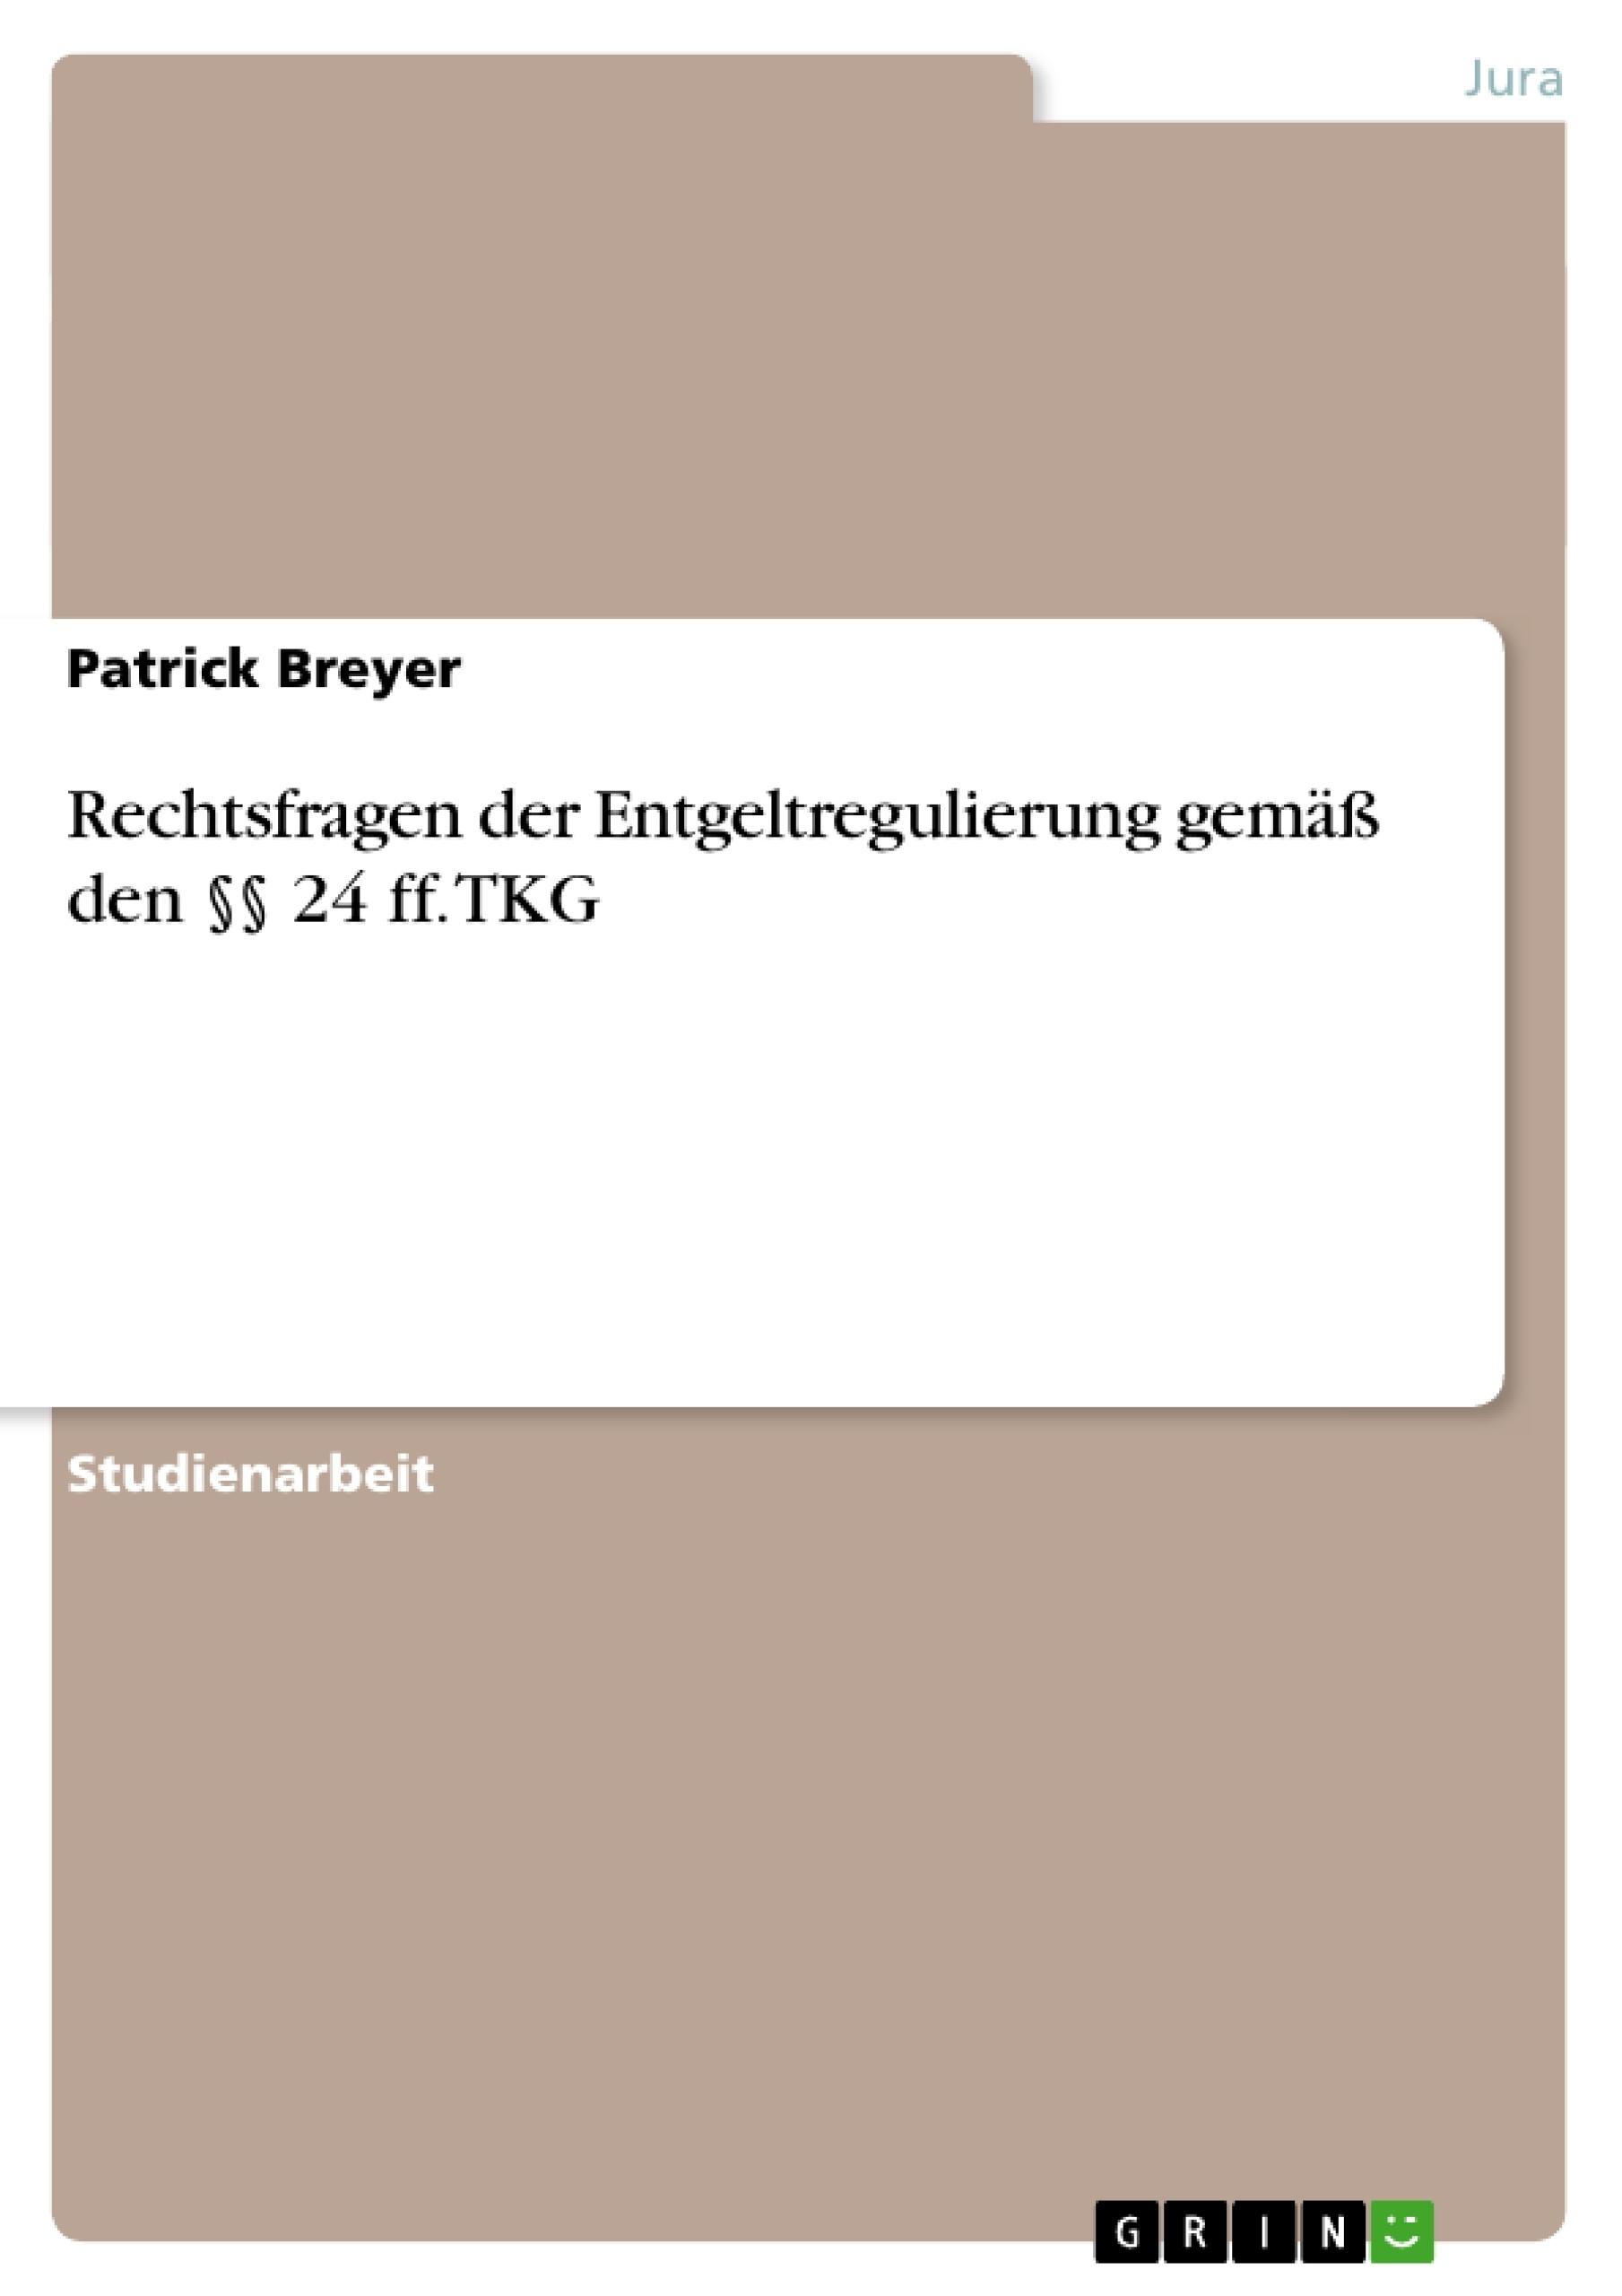 Titel: Rechtsfragen der Entgeltregulierung gemäß den §§ 24 ff. TKG